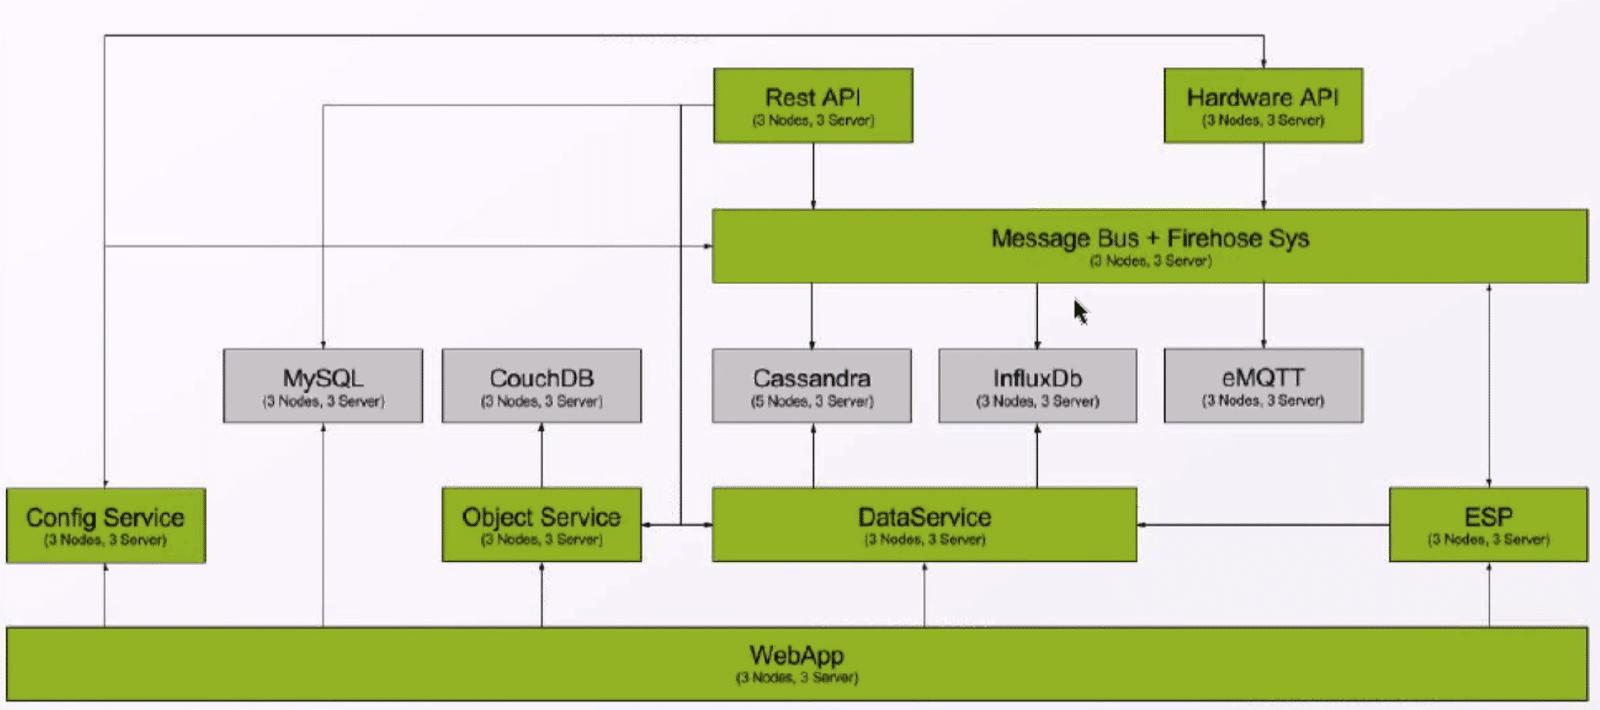 InfluxDB LineMetrics architecture